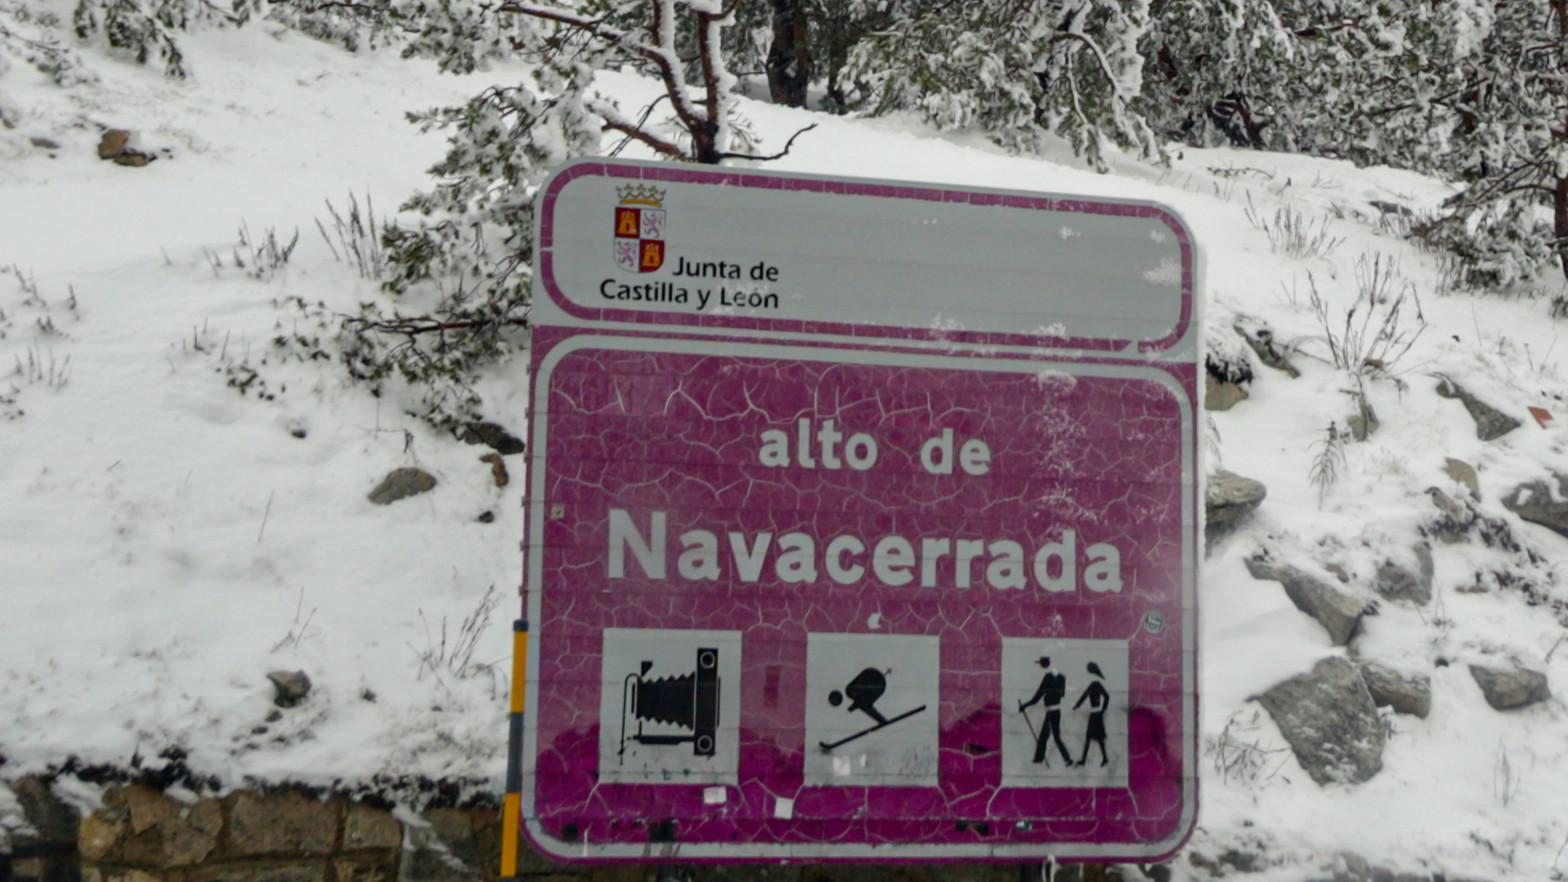 El Gobierno obliga a cerrar tres pistas de esquí de Navacerrada por el cambio climático